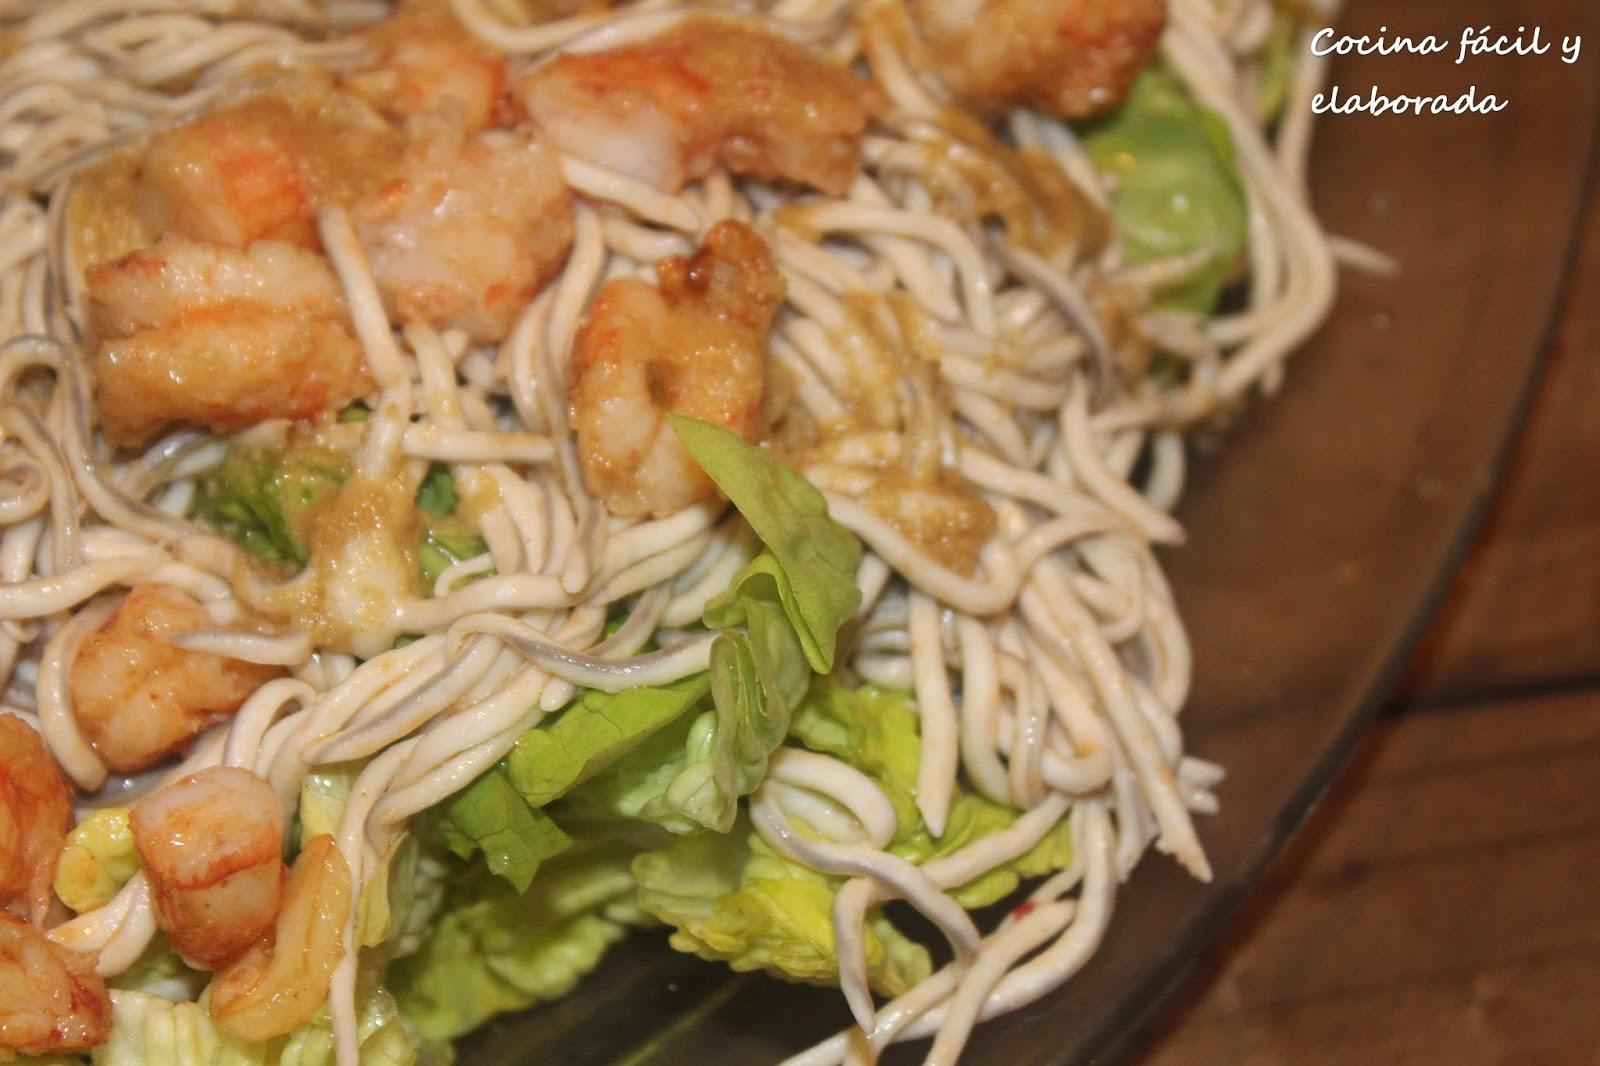 Cocina facil y elaborada ensalada templada de langostinos - Ensalada de langostinos ...